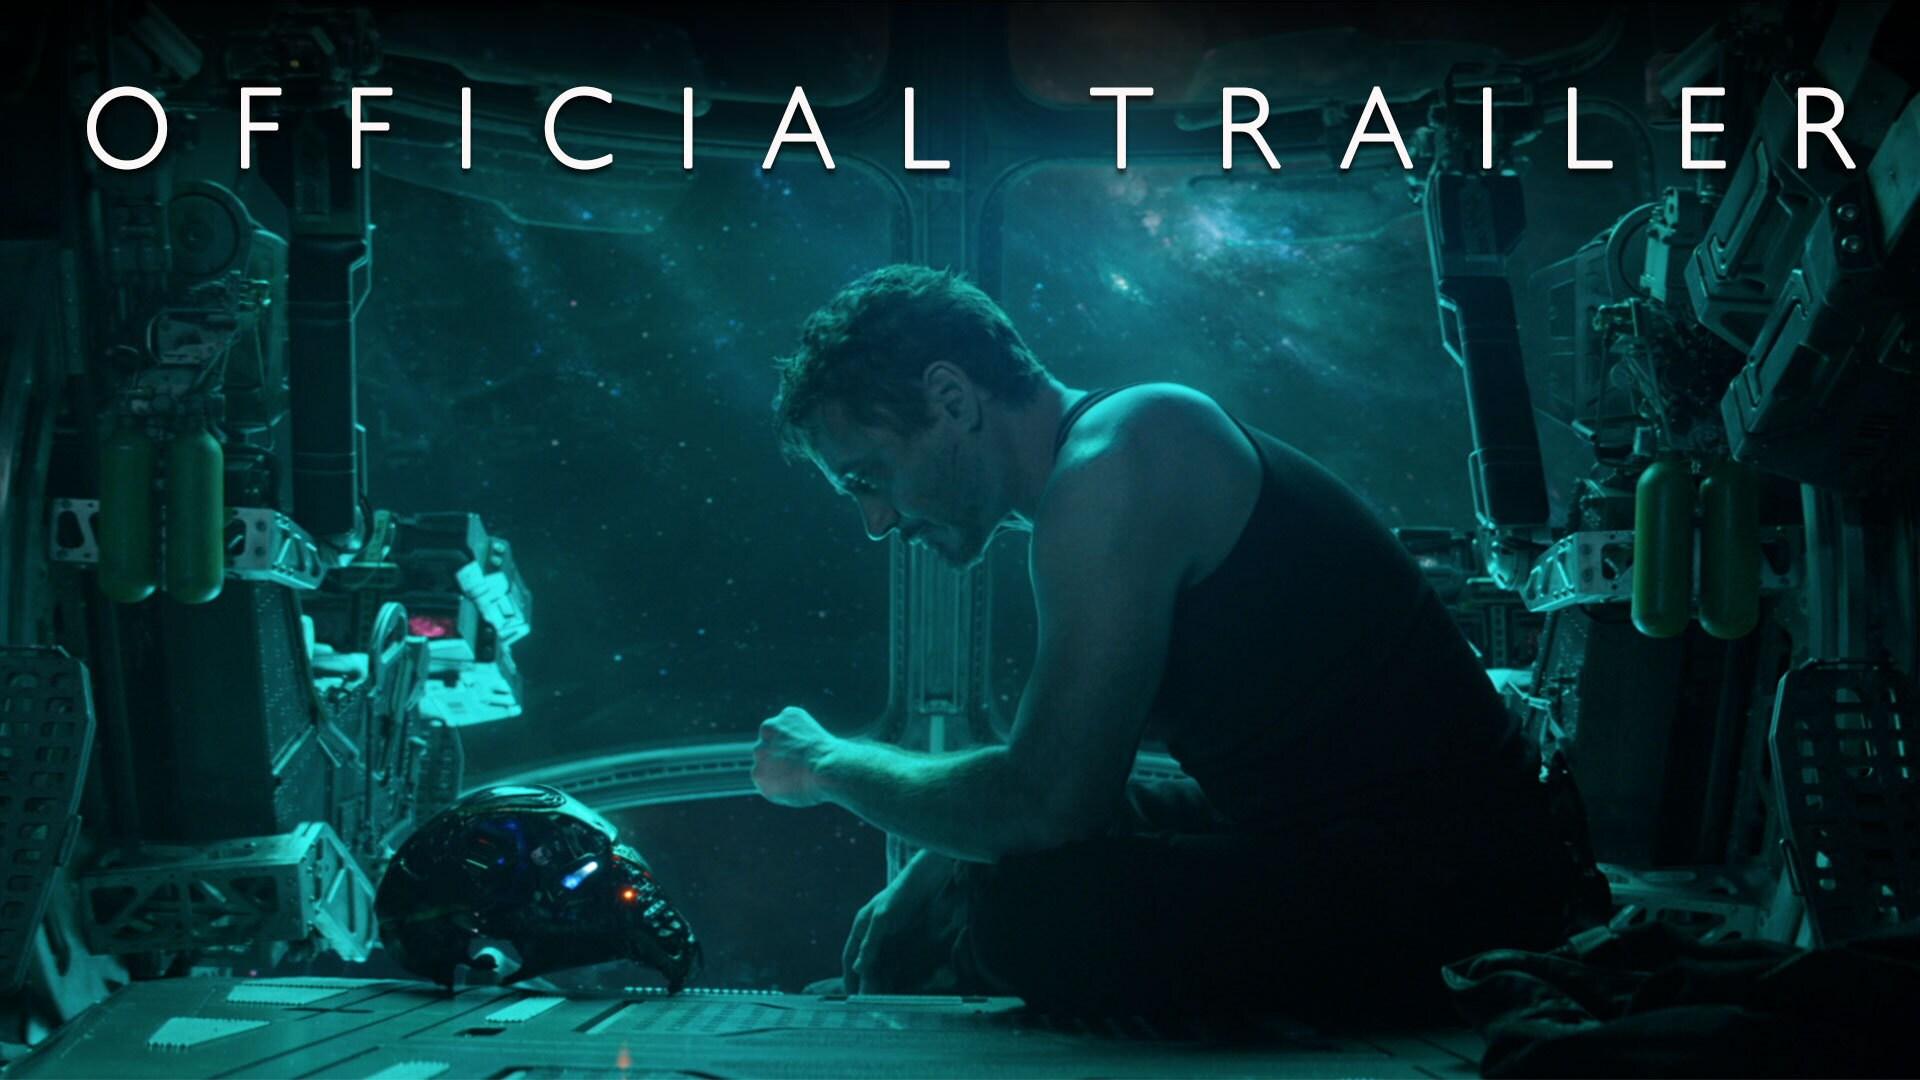 ตัวอย่างแรก Marvel Studios' Avengers: Endgame